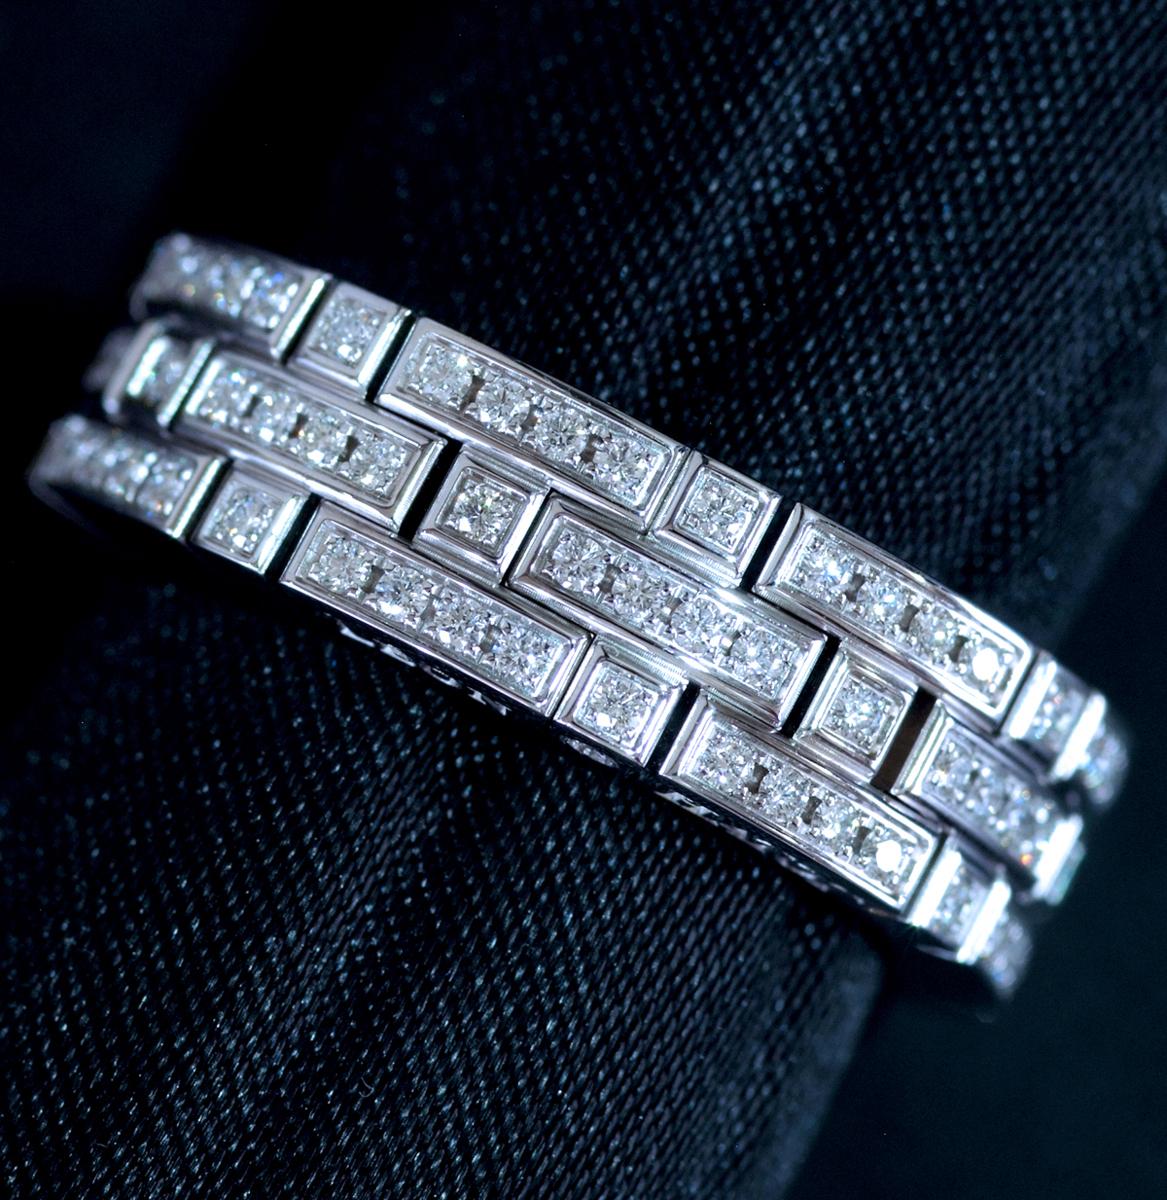 E8222【LEON HATOT】レオンアト 天然絶品ダイヤモンド116pcs 最高級18金WG無垢リング サイズ16号 重量15.8g 縦幅6.7mm